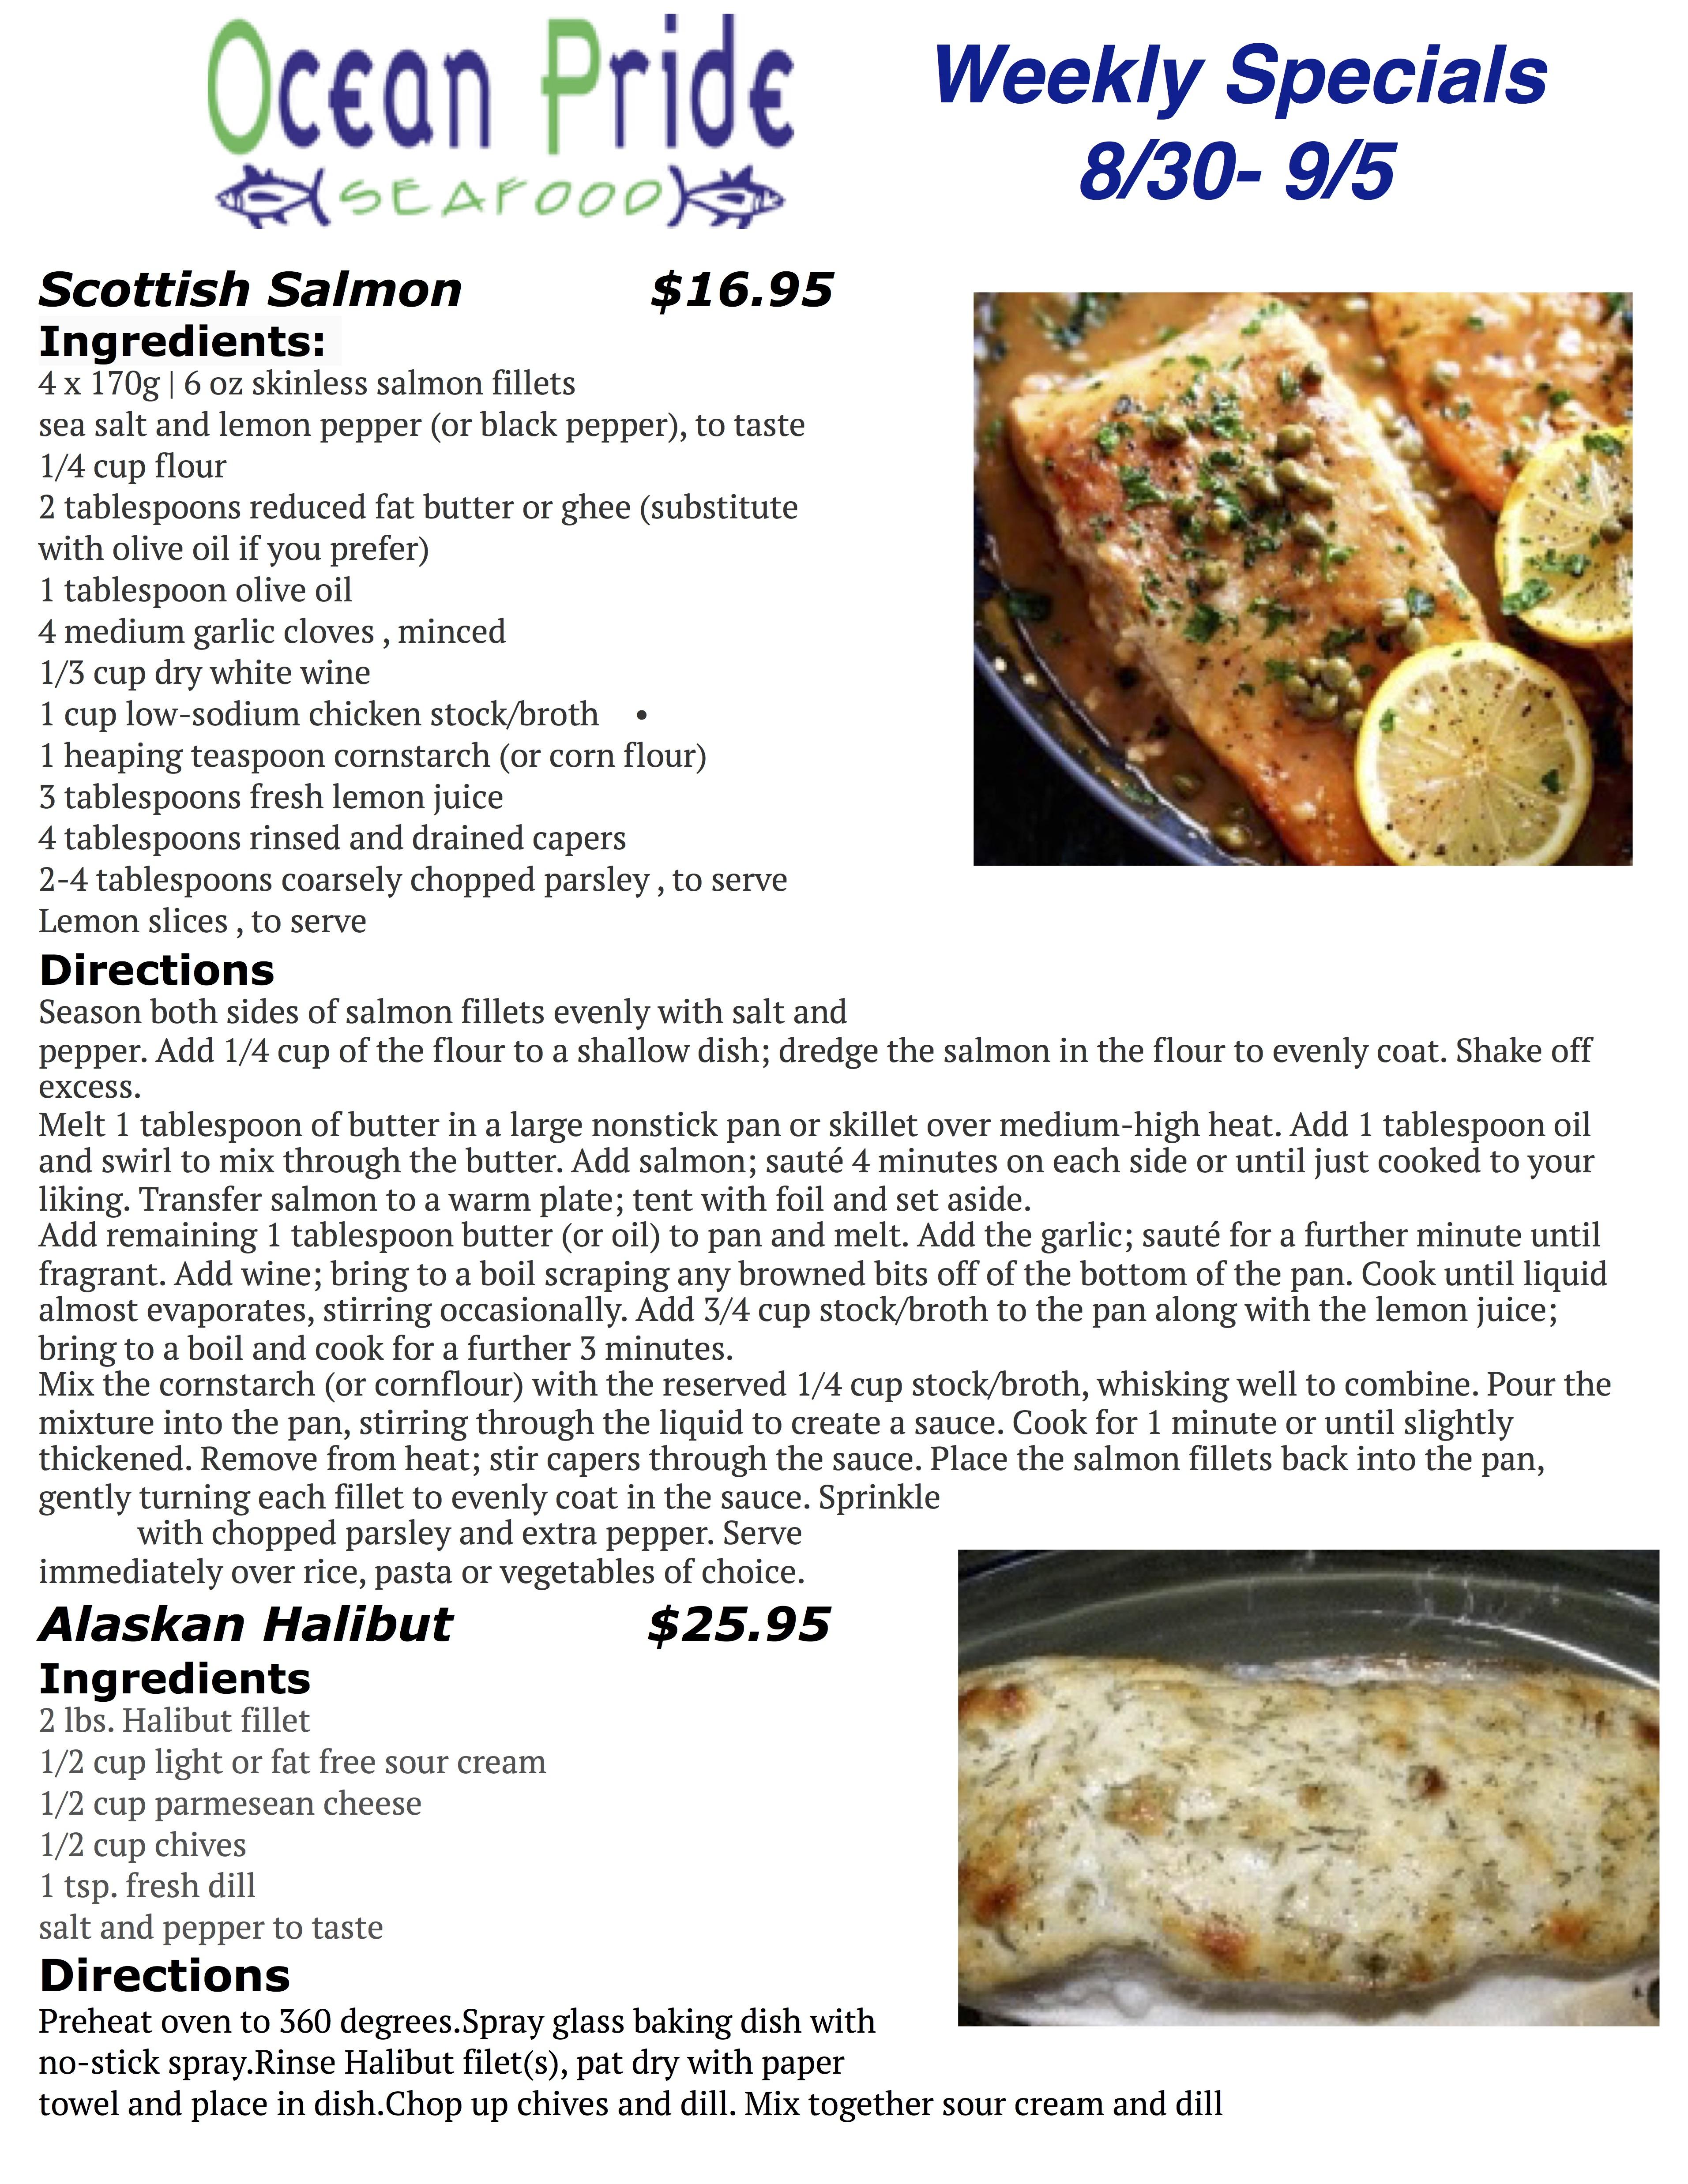 Ocean Pride Seafood Specials 8.30 - 9.5